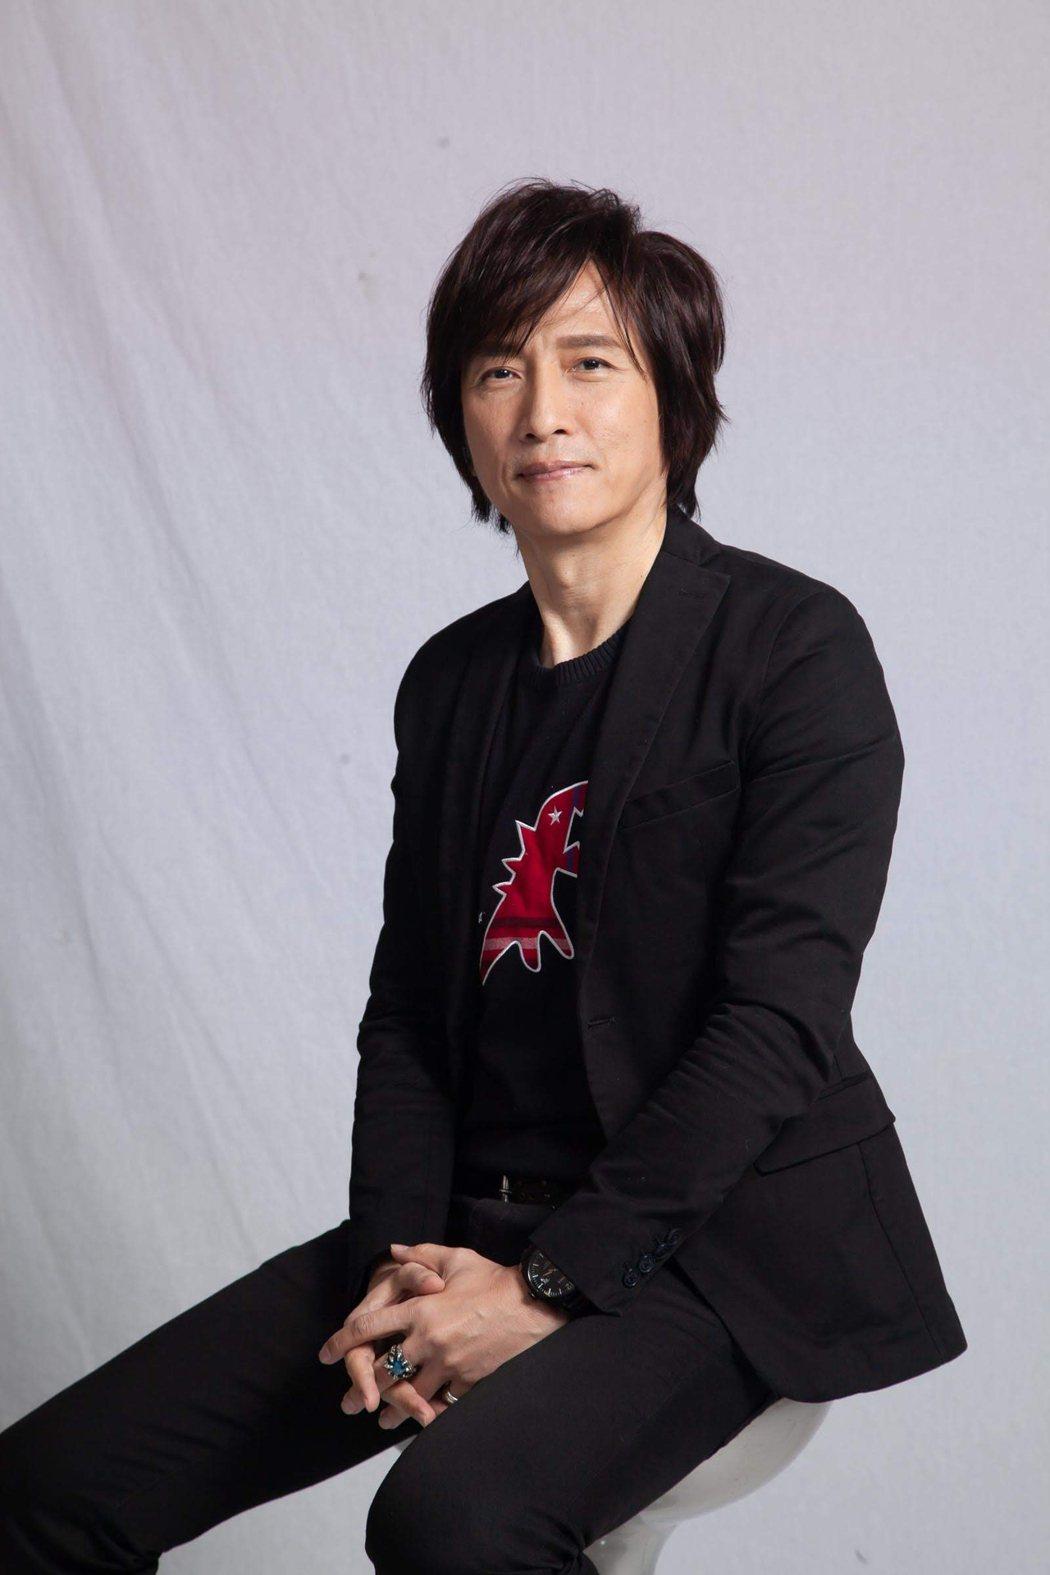 知名音樂製作人薛忠銘曾擔任不少天王天后專輯製作。圖/薛忠銘提供